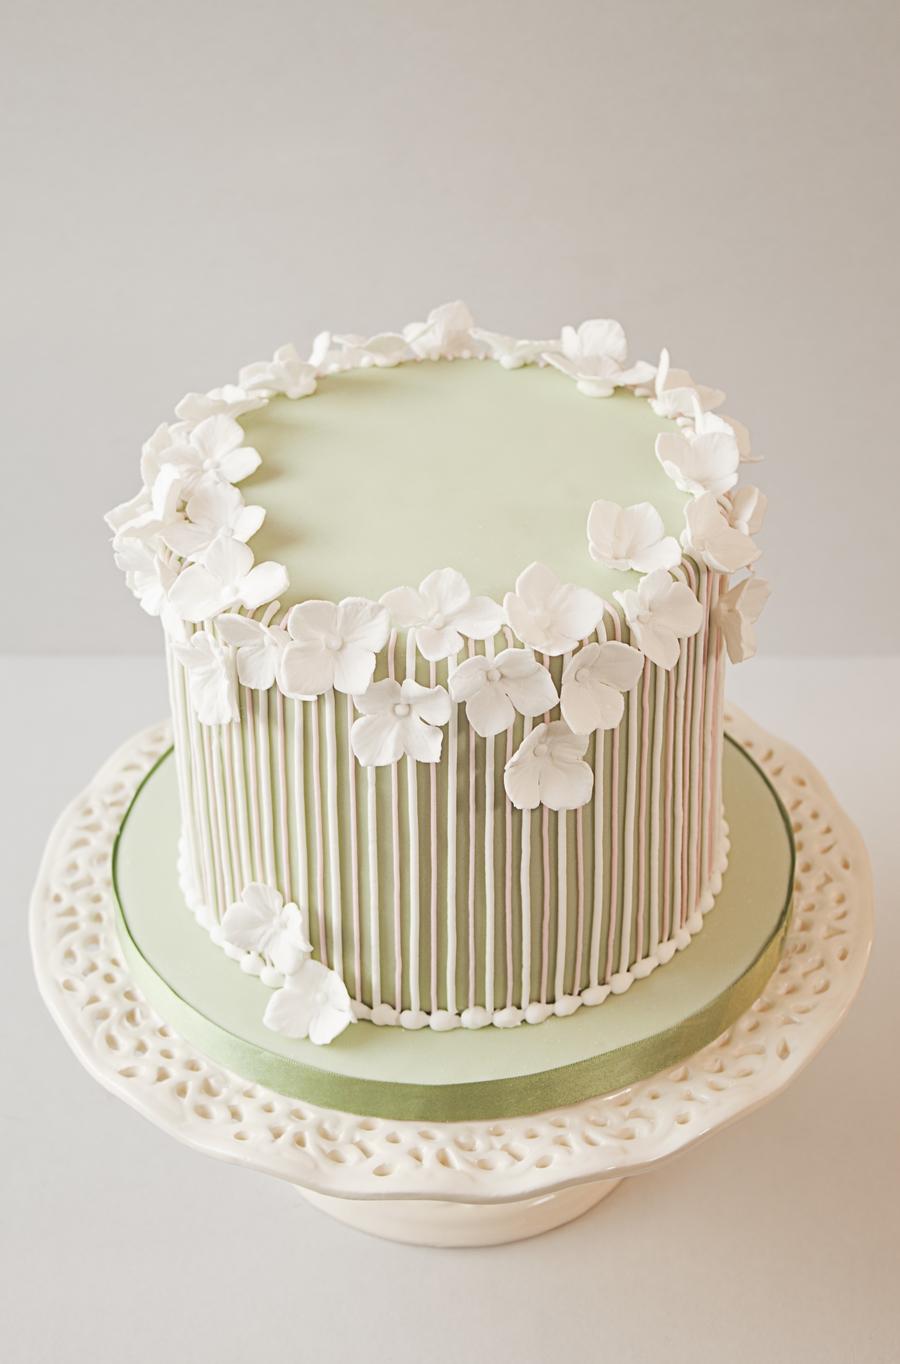 Cake Design Vintage : Striped Vintage Birthday Cake - CakeCentral.com